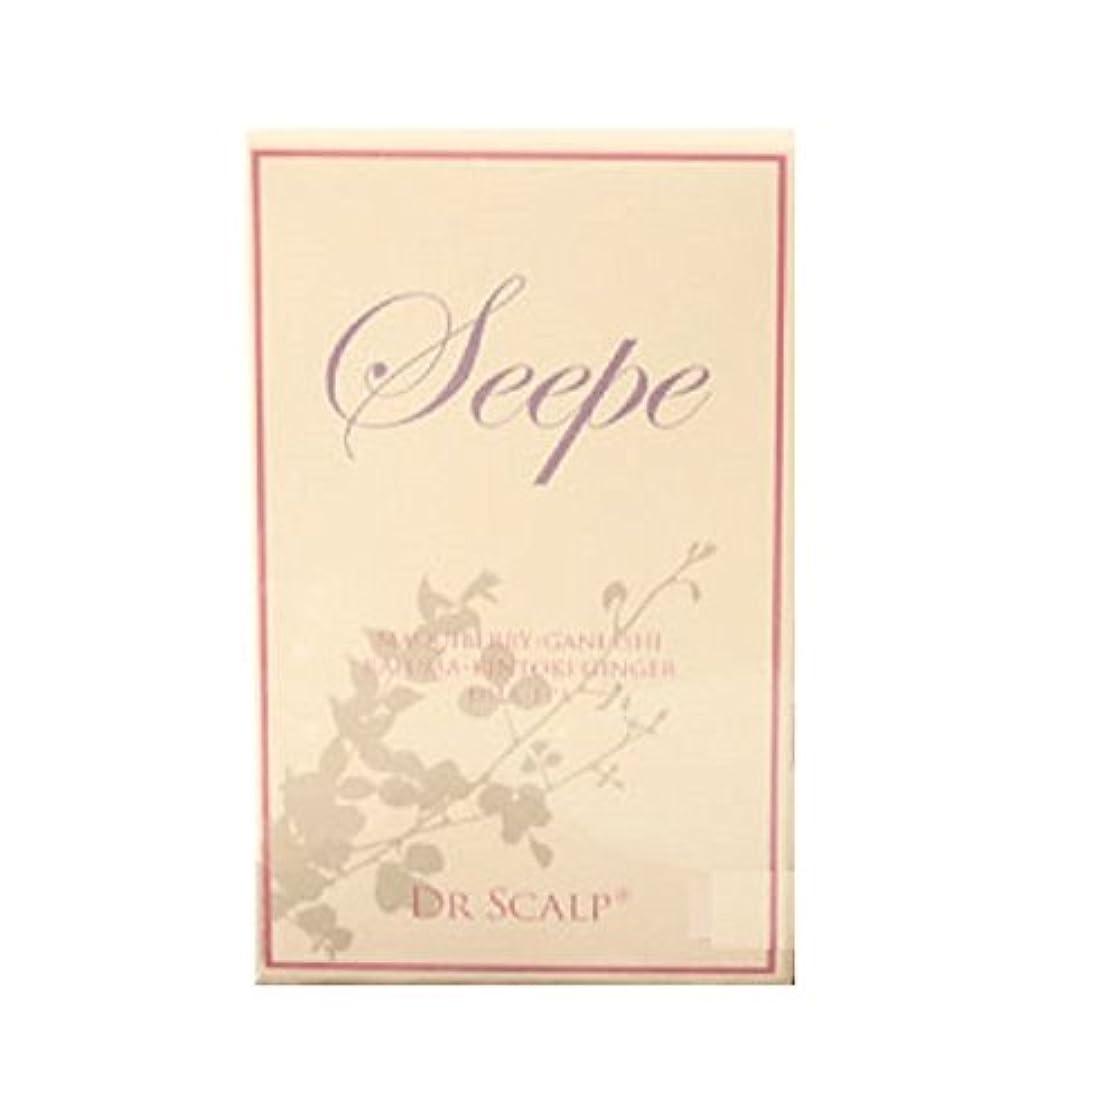 言語夜明けに知覚できるドクタースカルプ DR.SCALP(ドクタースカルプ)SEEPE(シープ) (サプリメント)※プロジェクトサプリメントのリニューアル商品です《60粒》